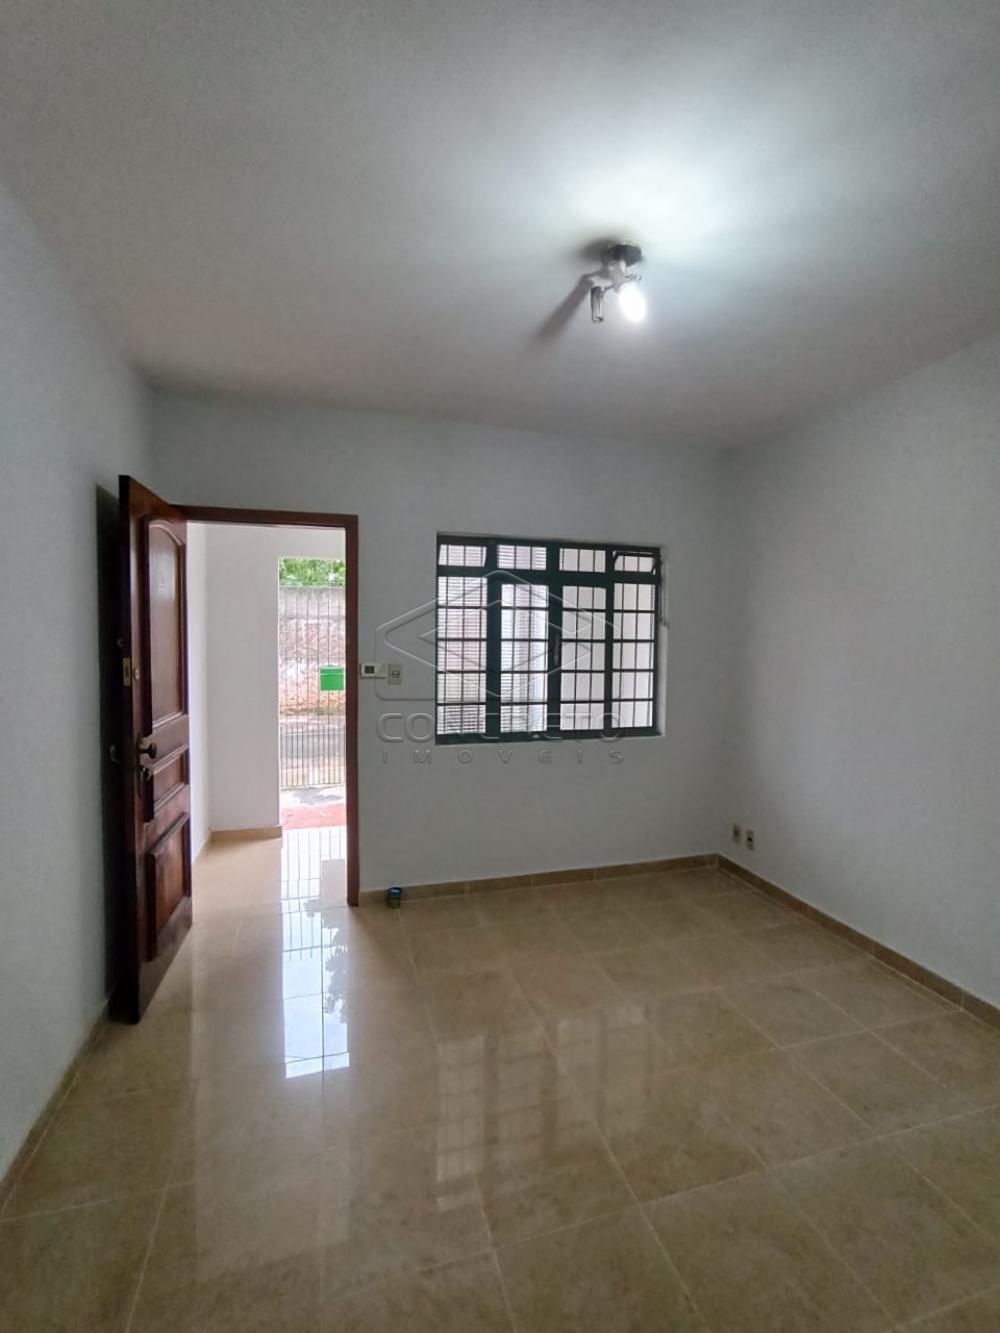 Alugar Casa / Padrão em Bauru apenas R$ 950,00 - Foto 3